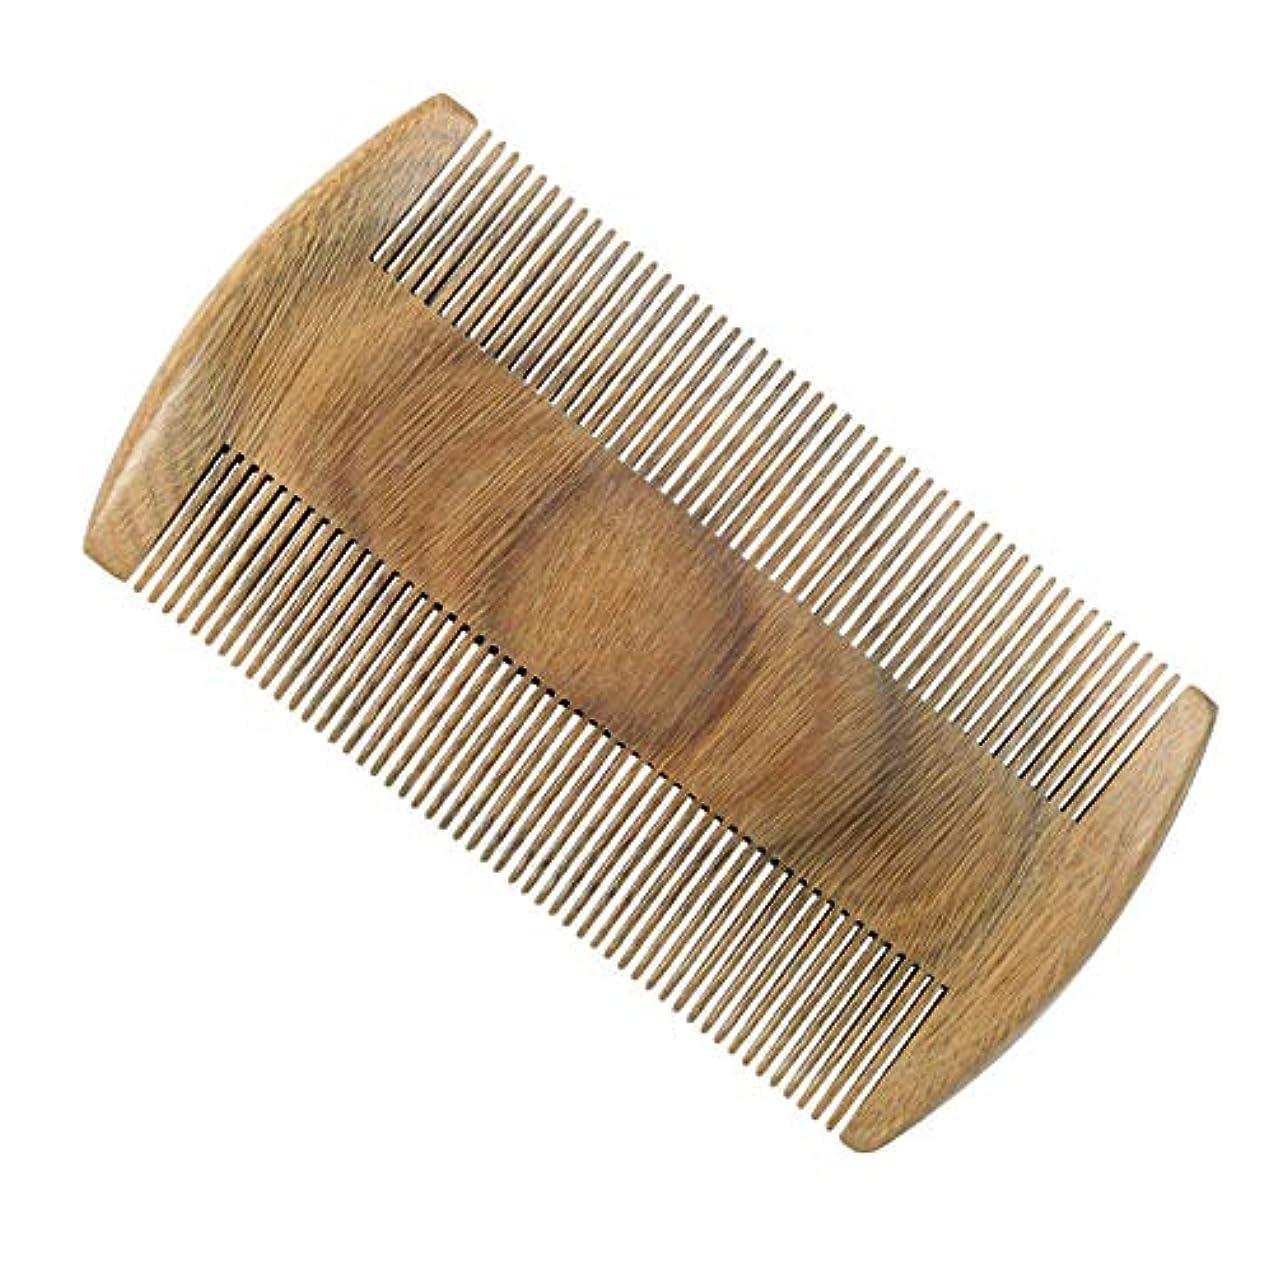 計算グラム荒涼としたALIVEON 高級木製櫛 ヘアブラシ つげ櫛 頭皮マッサージ 天然緑檀 ヘアコーム 静電気防止 男女兼用